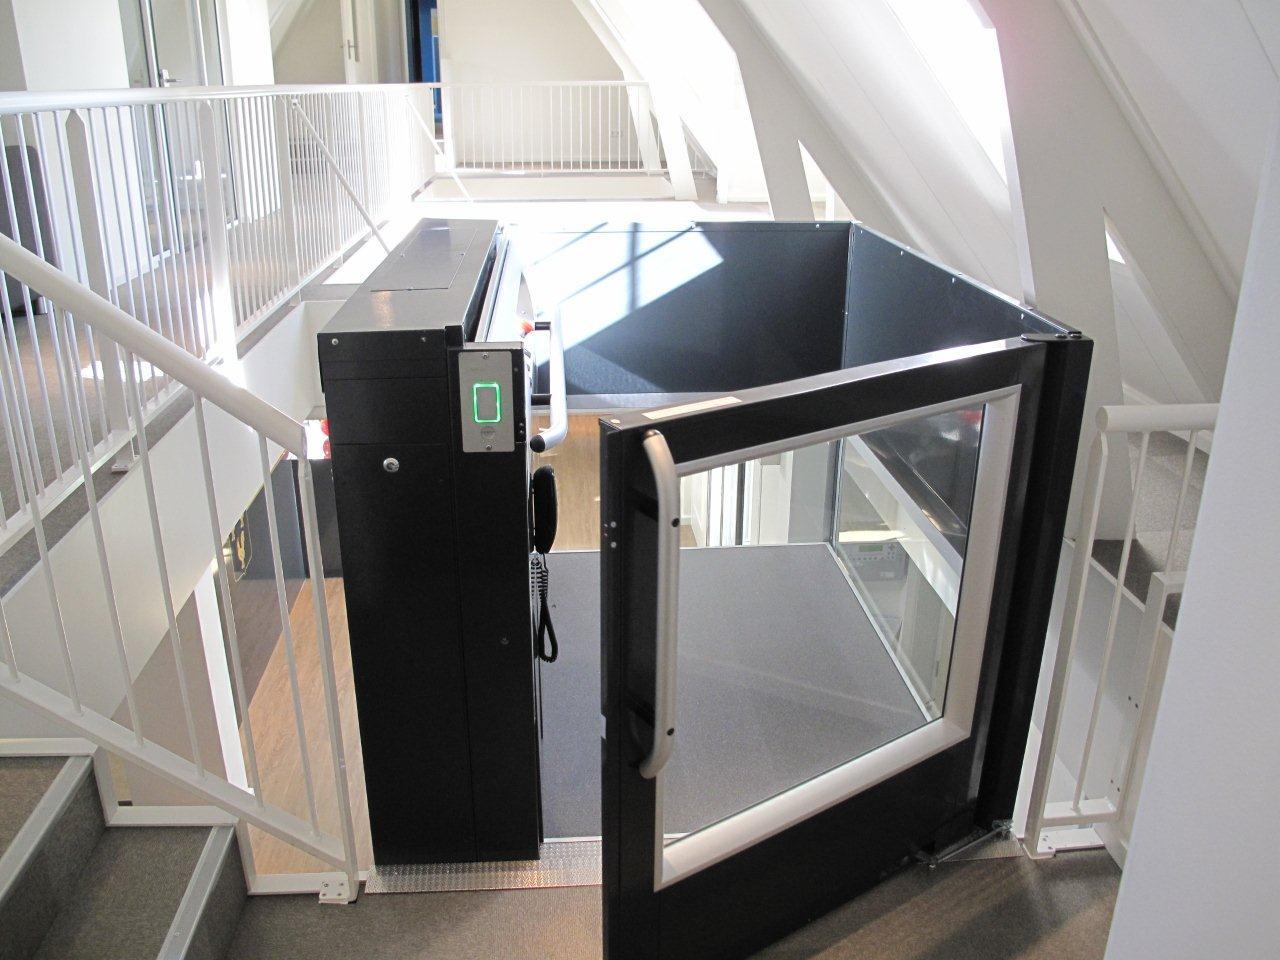 Die Hublifte der Serie A7000 und A9000 sind optimiert für den barrierefreien Zugang in öffentlichen Gebäuden